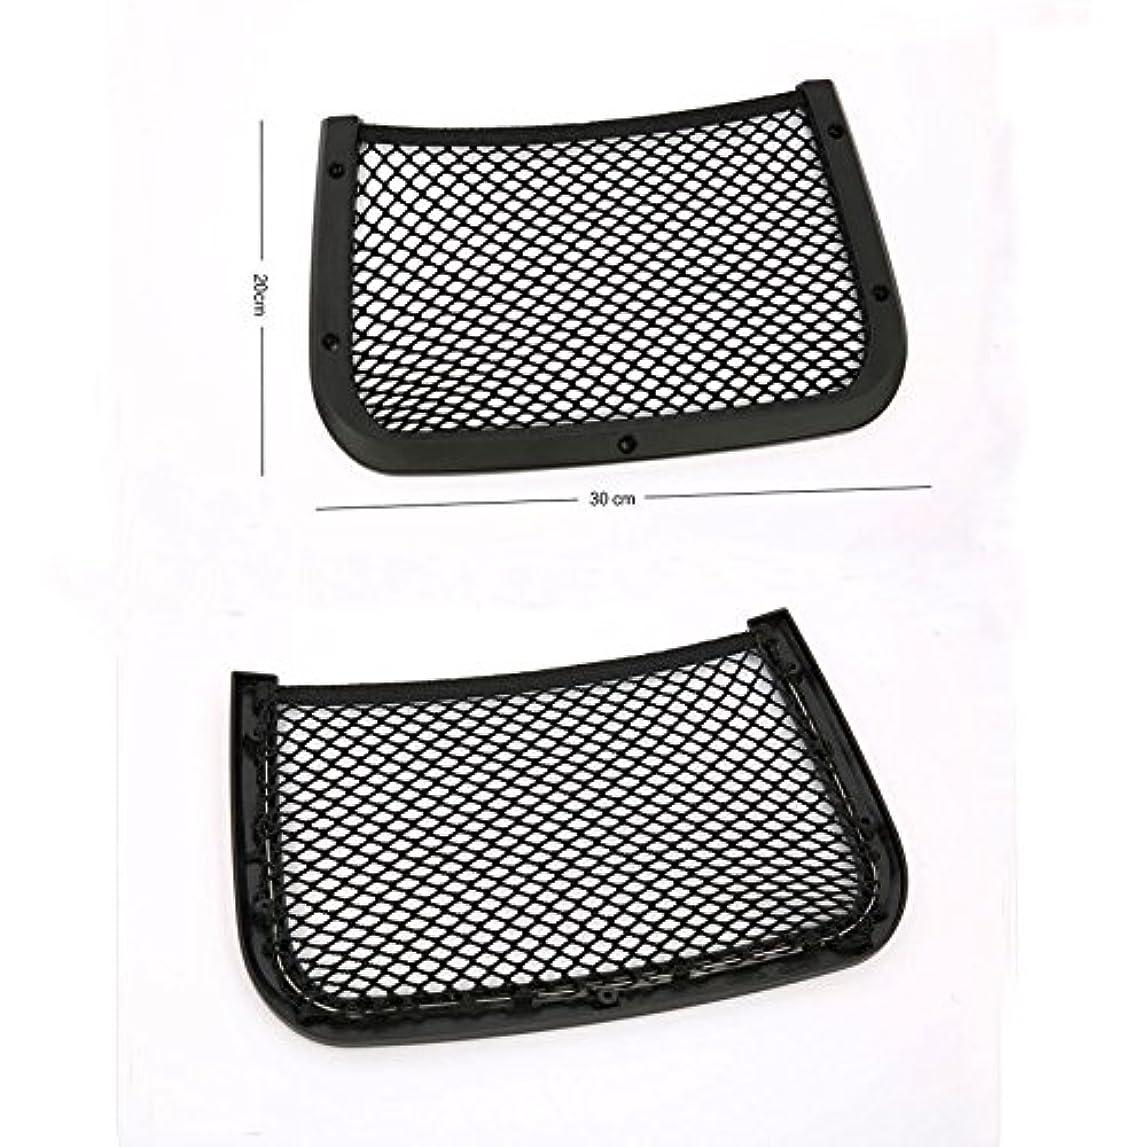 田舎バーター質量Jicorzo - 1pc Car Seat Back Bag Storage Luggage Organizer Holder Mesh Cargo Pouch For Jeep compass Audi A4L X1...